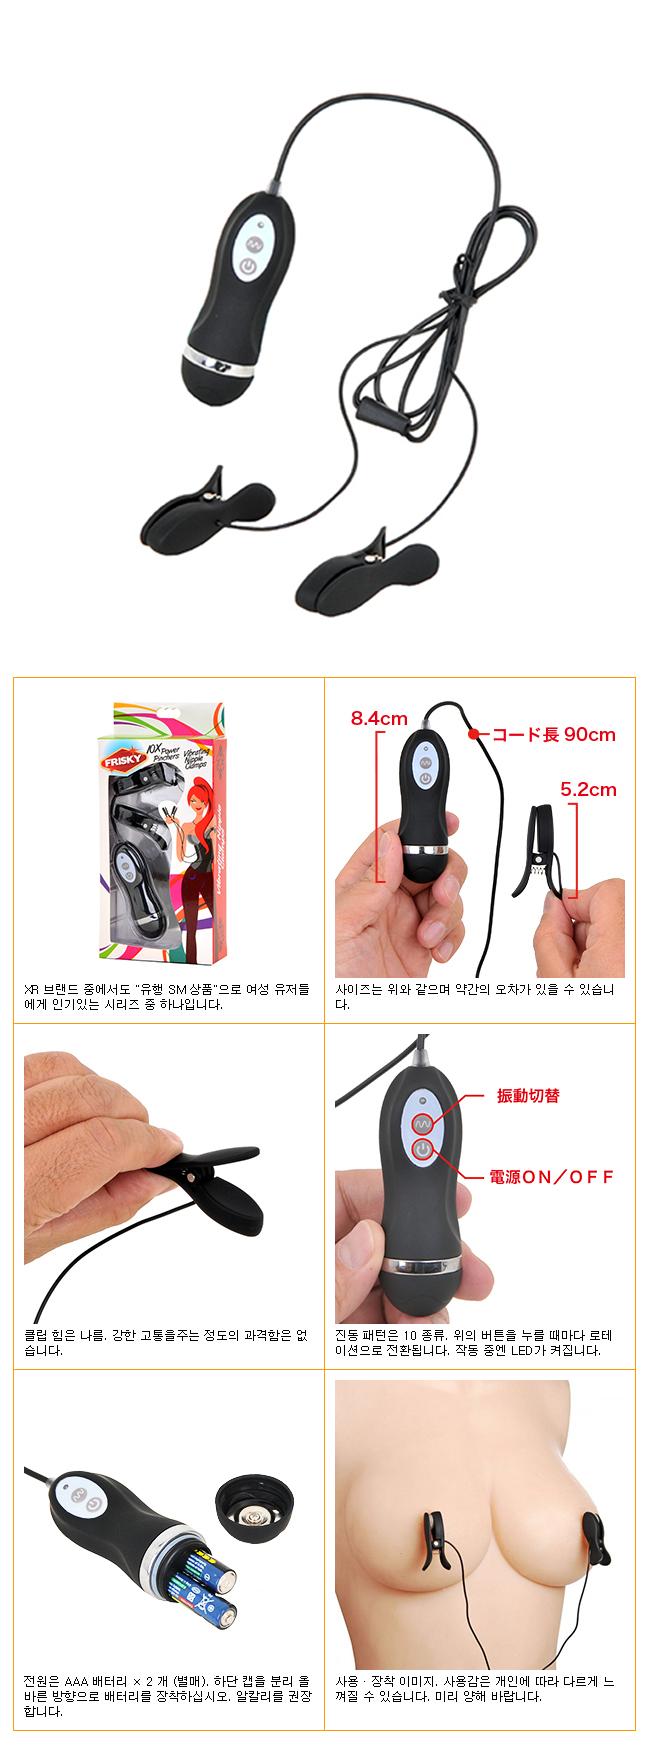 [일본 직수입] 10모드 바이브레이팅 니플 크럼프(10モード バイブレーティングニップルクランプ)